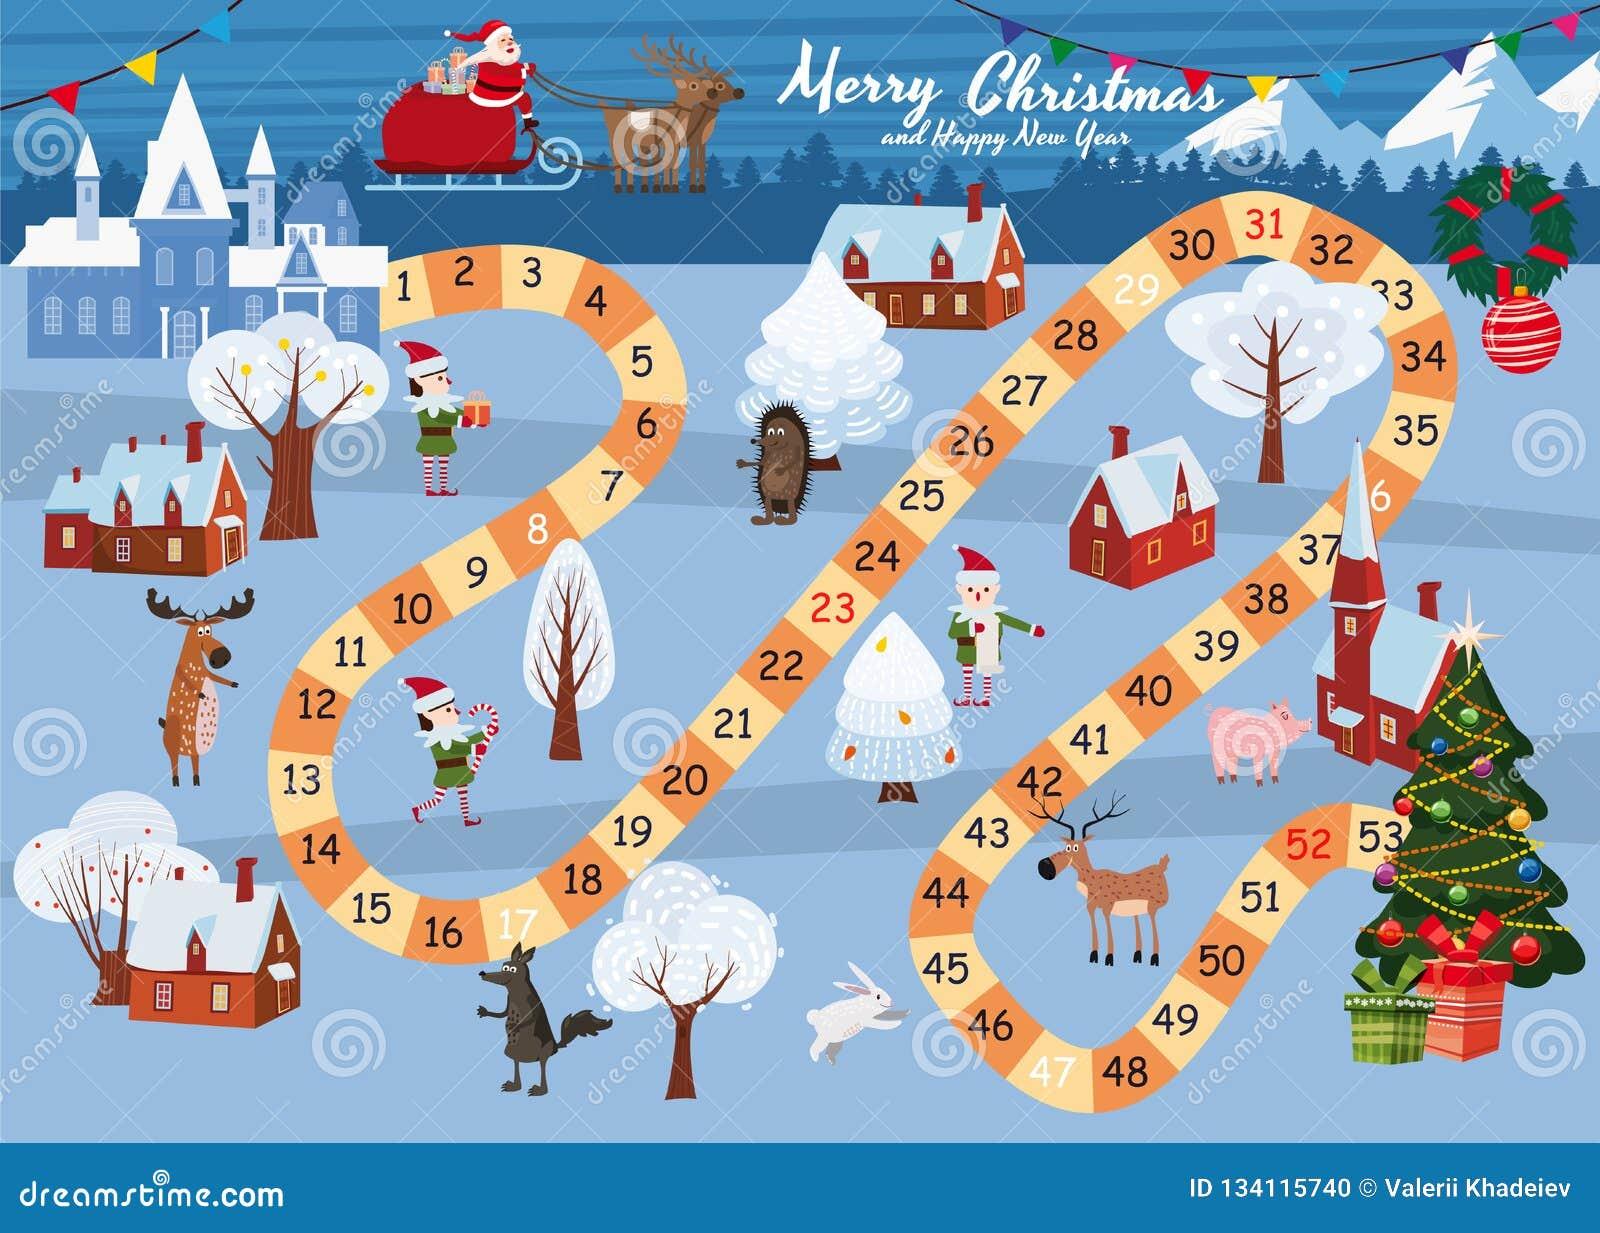 Feliz Navidad Del Juego De Mesa Y Feliz Ano Nuevo Santa Claus En Un Trineo En Los Paseos Magicos De Los Ciervos Con El Invierno Ilustracion Del Vector Ilustracion De Icono